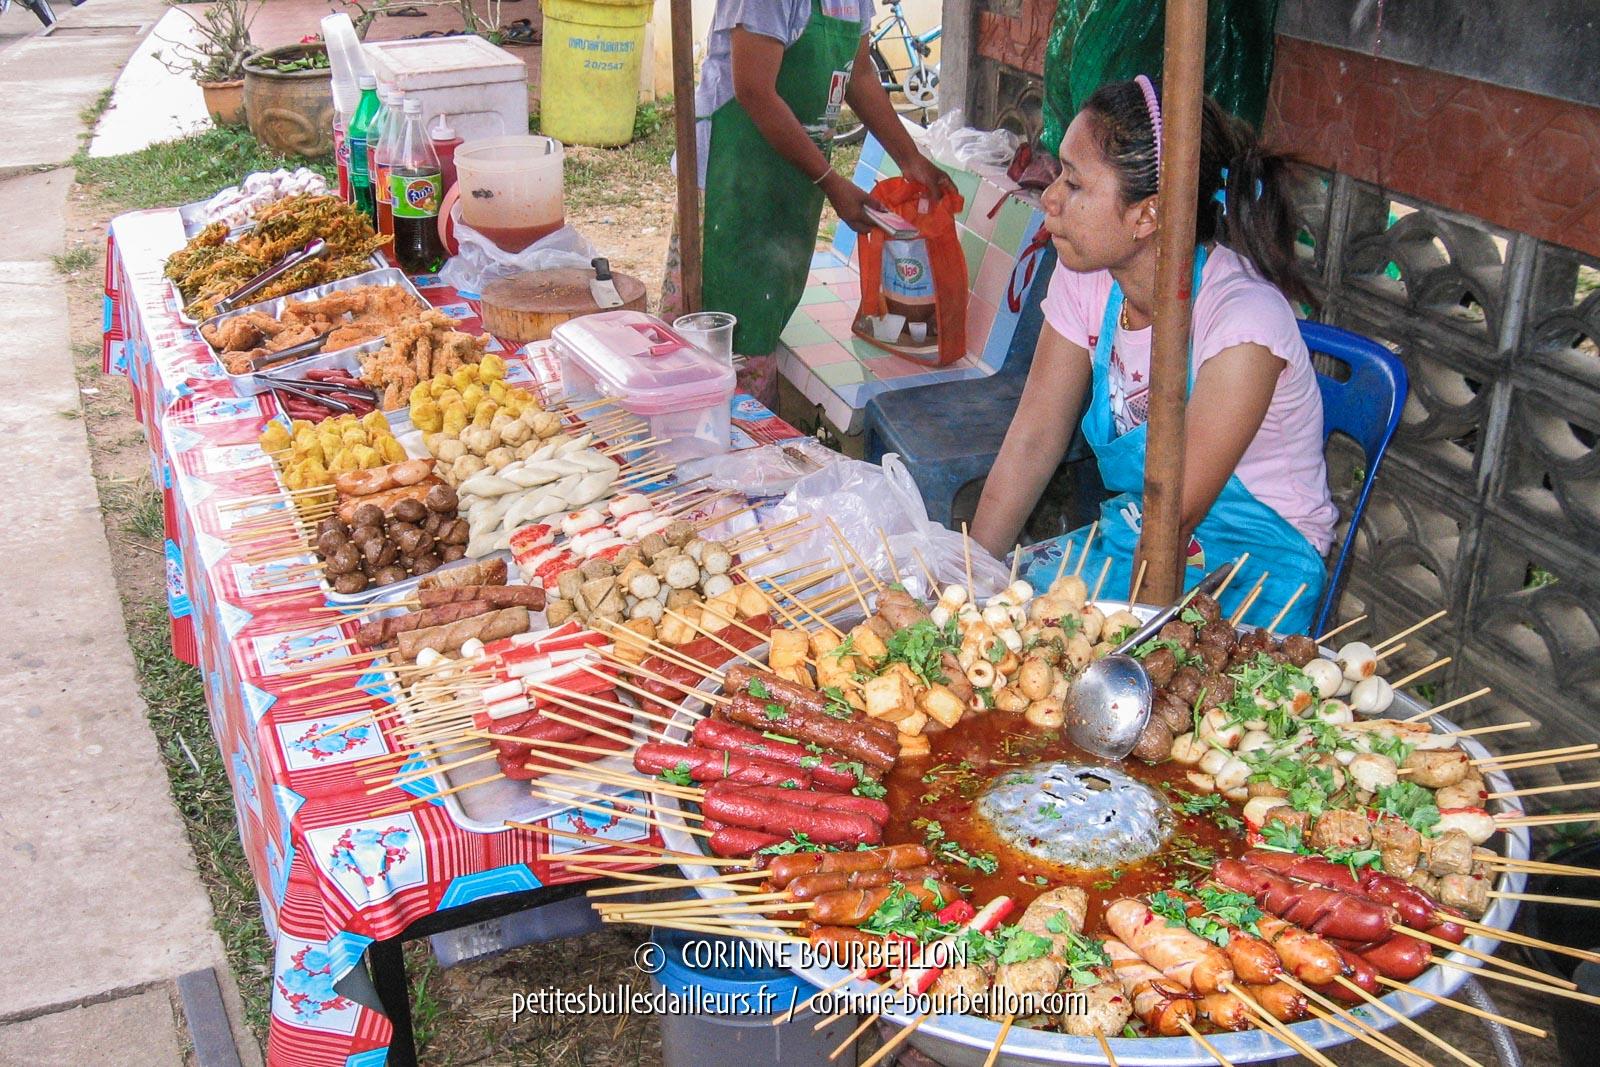 Brochettes au marché du bourg. Koh Yao Noi. Thaïlande, février 2009.